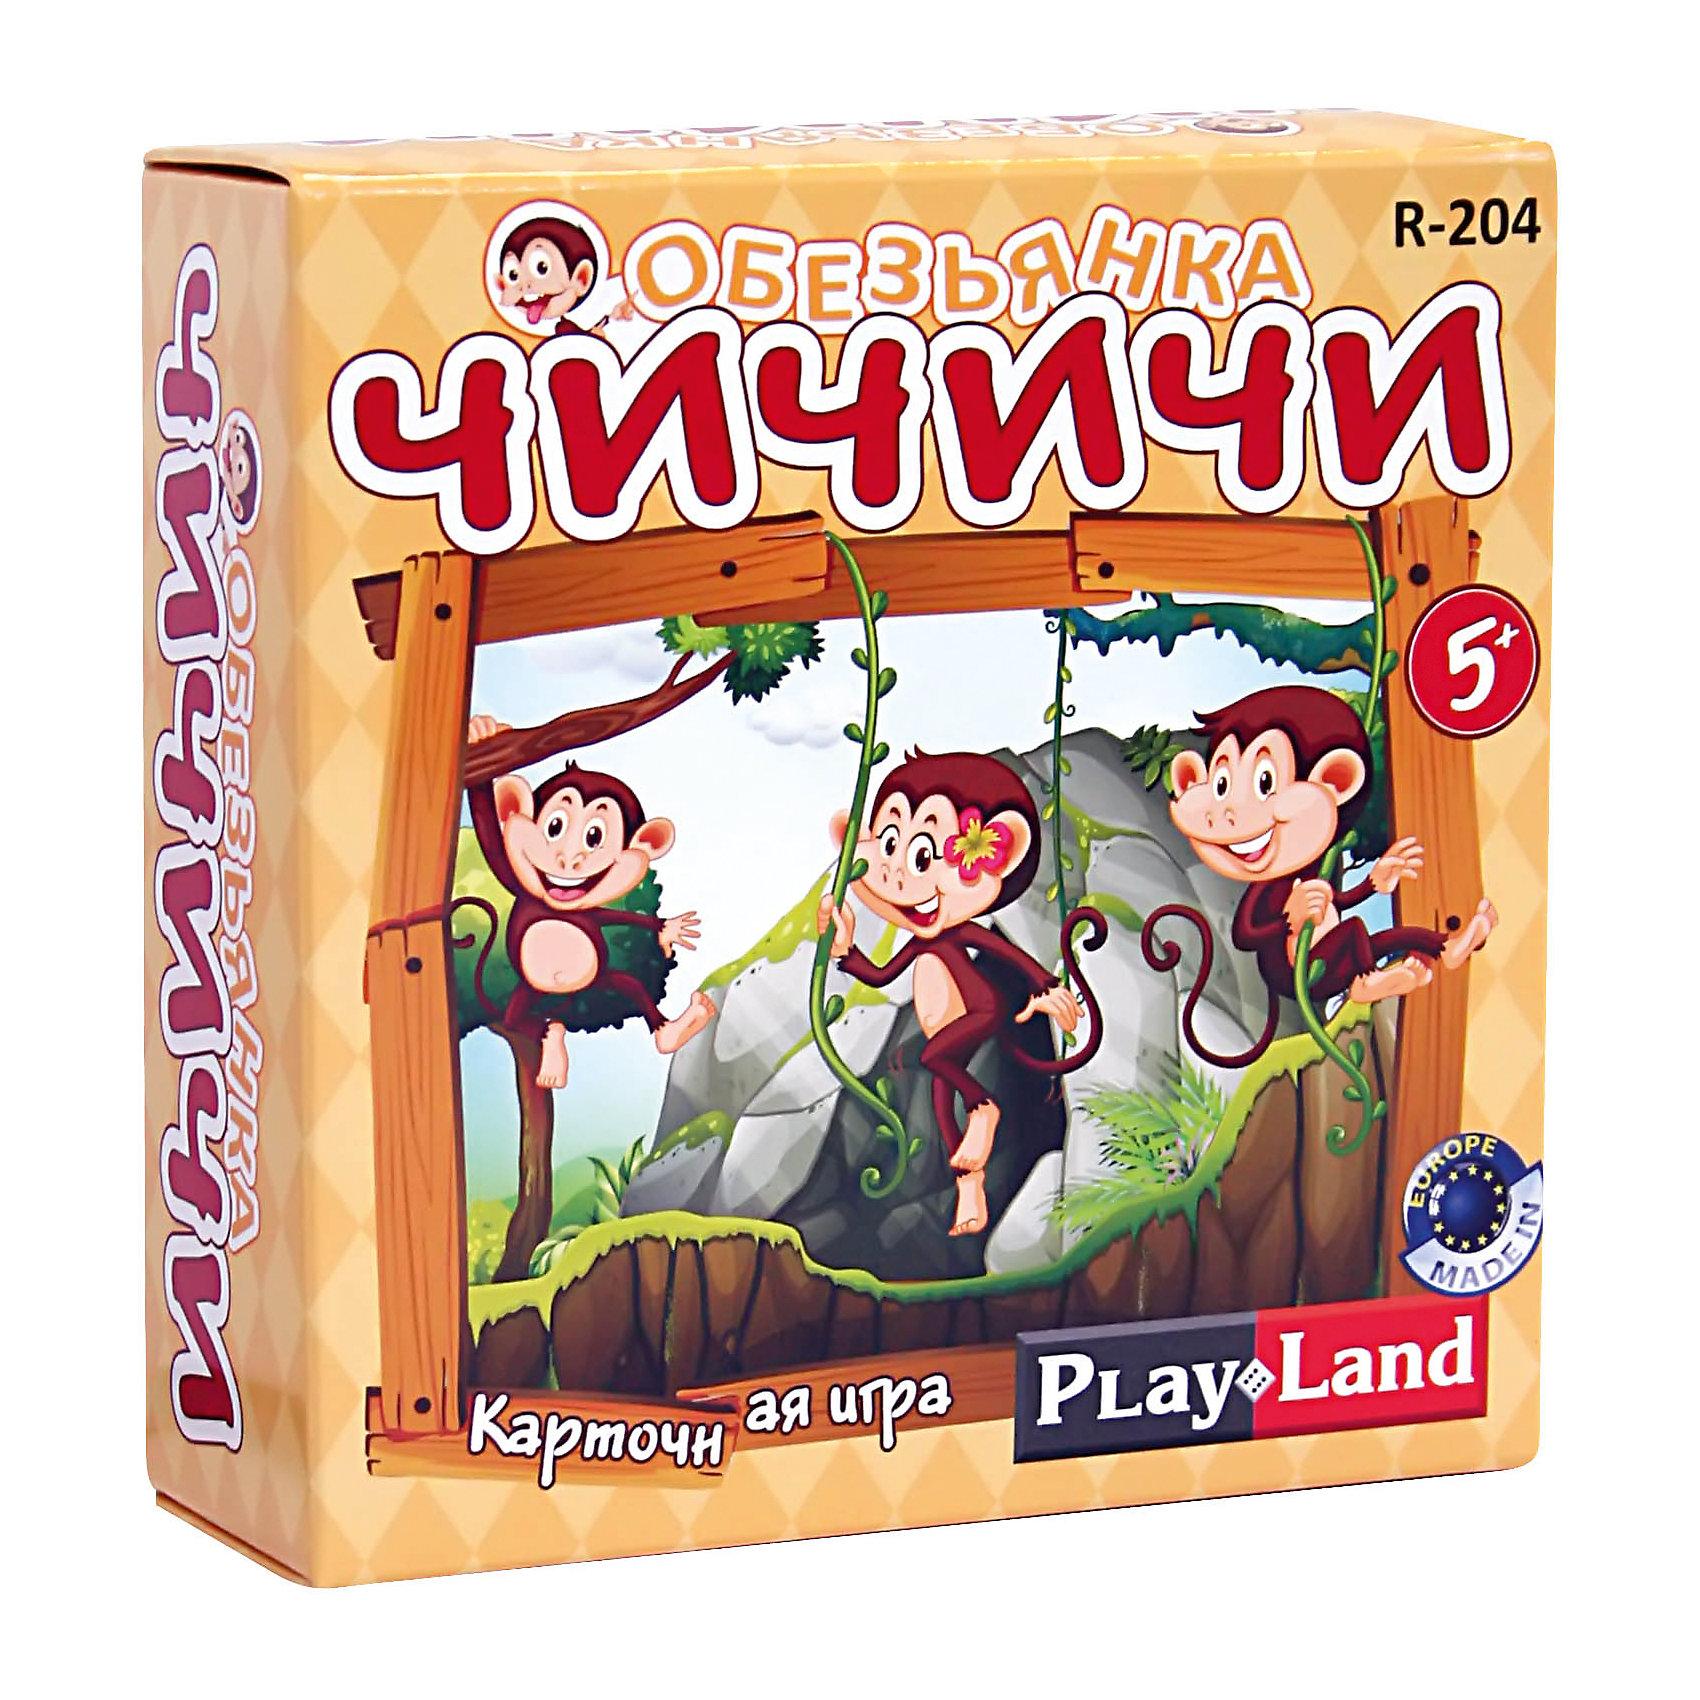 Настольная игра Обезьянка Чичичи, Play LandКарточные игры<br>Характеристики товара:<br><br>• в комплекте:: 56 карт;<br>• количество игроков: 2-4;<br>• время игры: 20 минут;<br>• материал: картон;<br>• возраст: от 5 лет;<br>• размер упаковки: 12х4,5х12,2 см;<br>• вес: 122 грамма;<br>• страна бренда: Болгария.<br><br>«Обезьянка Чи-чи-чи» - развлекательная игра для детей от 5 лет. В набор входят 56 карт с порядковым номером и изображением обезьянок.<br><br>Цель игры - первым избавиться от всех карт. В начале игры каждому игроку выдается по 8 карт, остальные карты остаются на столе рубашкой вверх. Одна карта остается рубашкой вниз - эта карта будет стартовой. К стартовой карте необходимо добавить карту из своих восьми карт. Следующий игрок добавляет свою карту к карте предыдущего игрока. Вправо можно выкладывать карту со следующим порядковым номером одного цвета. Влево - карту с предыдущим порядковым номером одного цвета. Вверх и вниз можно положить карту с идентичным номером, но разных цветов.  <br><br>Если подходящей карты нет - игрок забирает одну карту из колоды и ждет следующего хода.<br><br>Настольную игру Обезьянка Чичичи, Play Land (Плей Лэнд) можно купить в нашем интернет-магазине.<br><br>Ширина мм: 122<br>Глубина мм: 45<br>Высота мм: 120<br>Вес г: 160<br>Возраст от месяцев: 60<br>Возраст до месяцев: 168<br>Пол: Унисекс<br>Возраст: Детский<br>SKU: 6893359